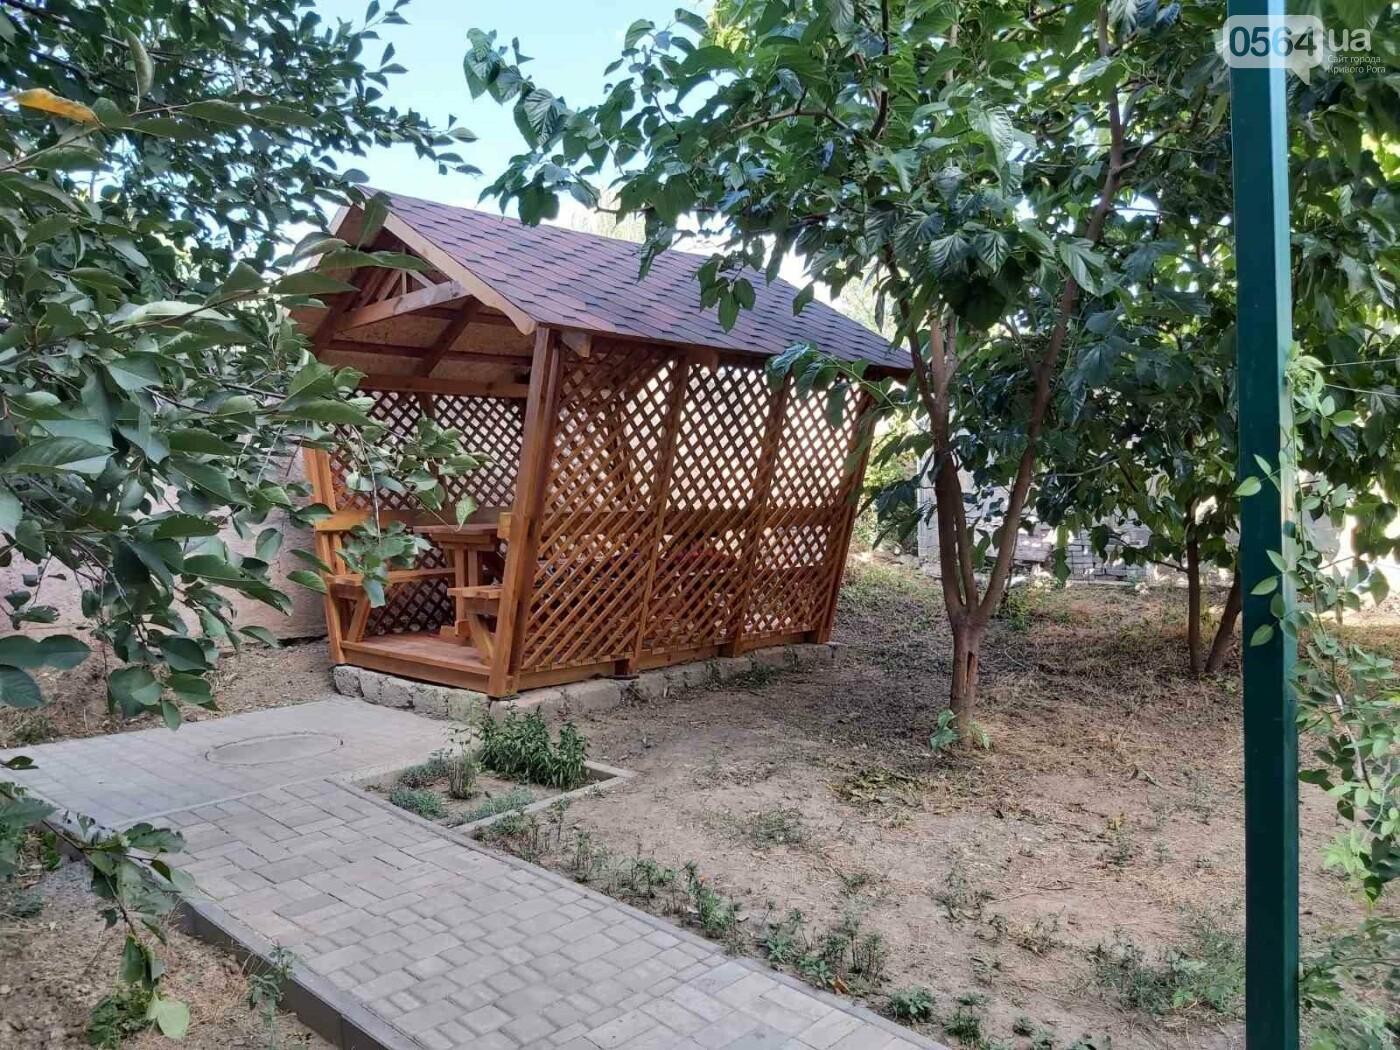 «Зеленый центр Метинвест» наградил победителей конкурса «Цветущий двор», фото-1